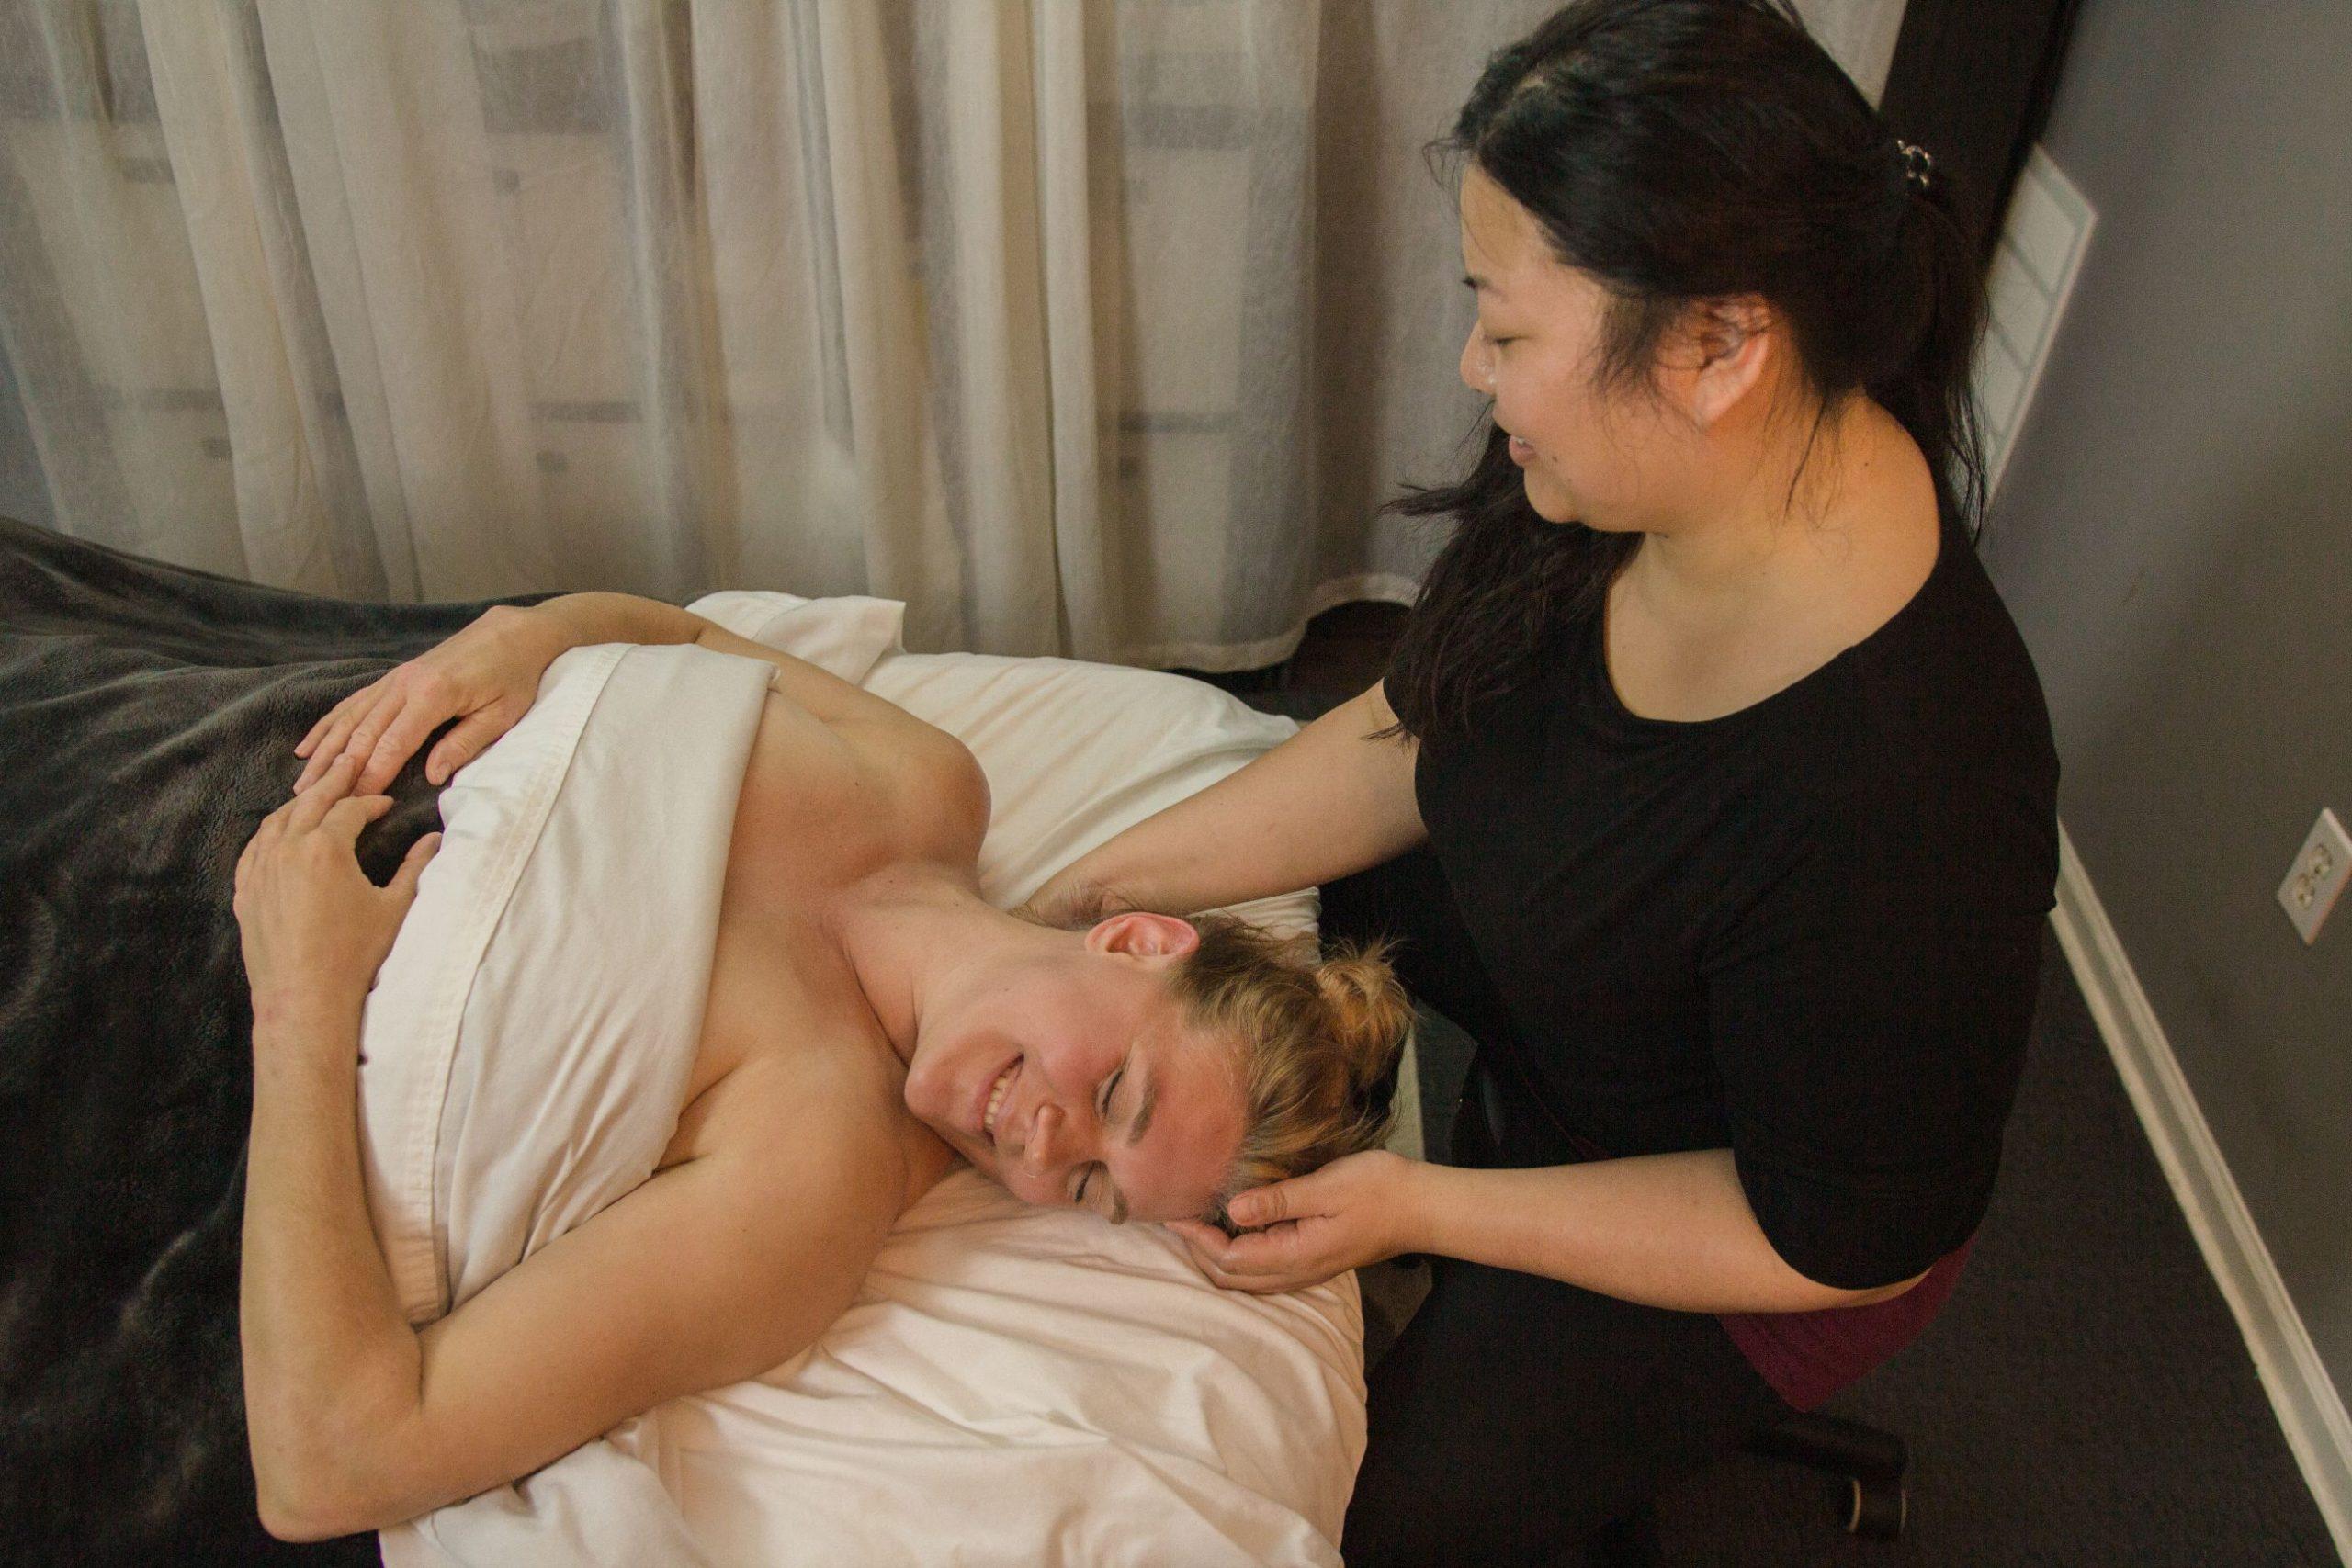 Troy Michigan massage therapist